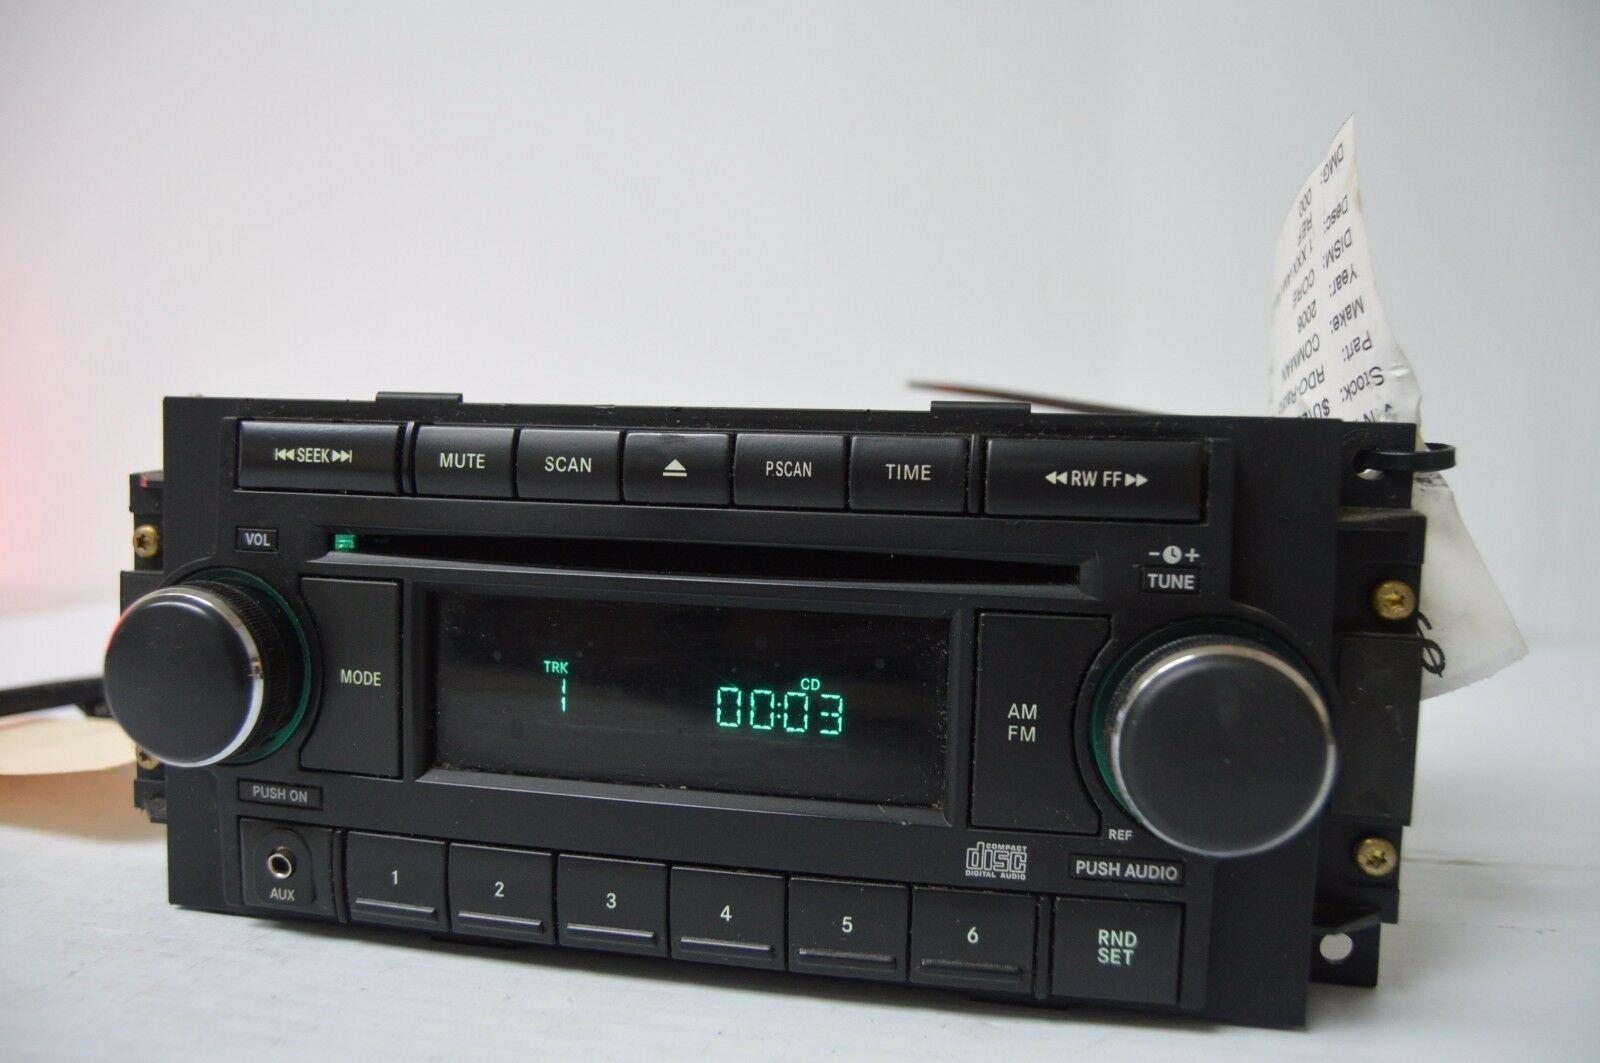 2004-2010 CHRYSLER DODGE RADIO CD PLAYR AUX IPOD (FOR PARTS) P05064171AF C13#017 image 2